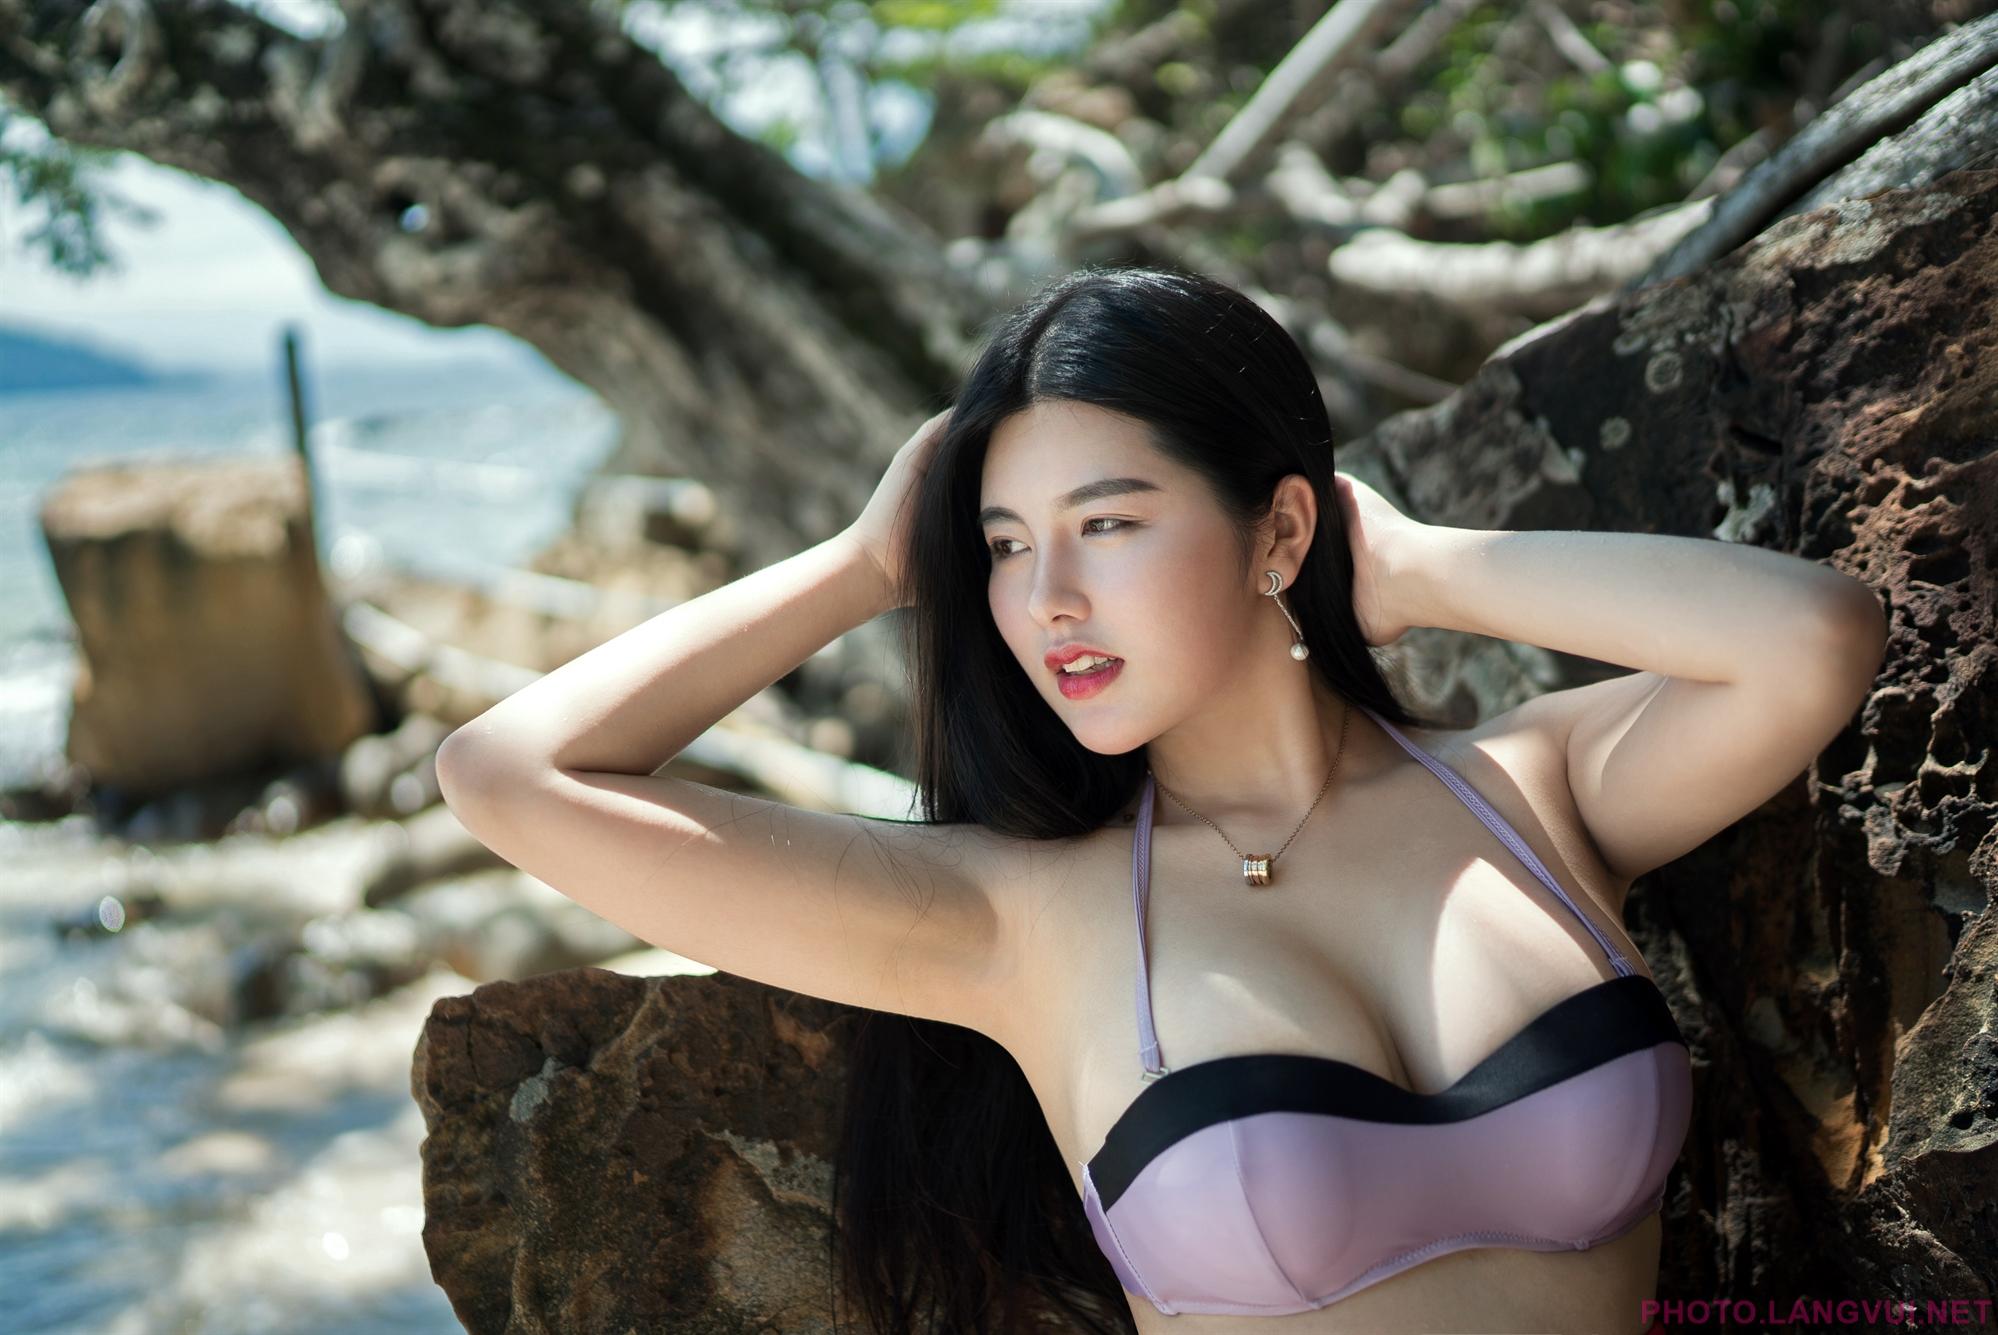 Tuigirl no 077 selena nh girl xinh - Asian girl 4k ...